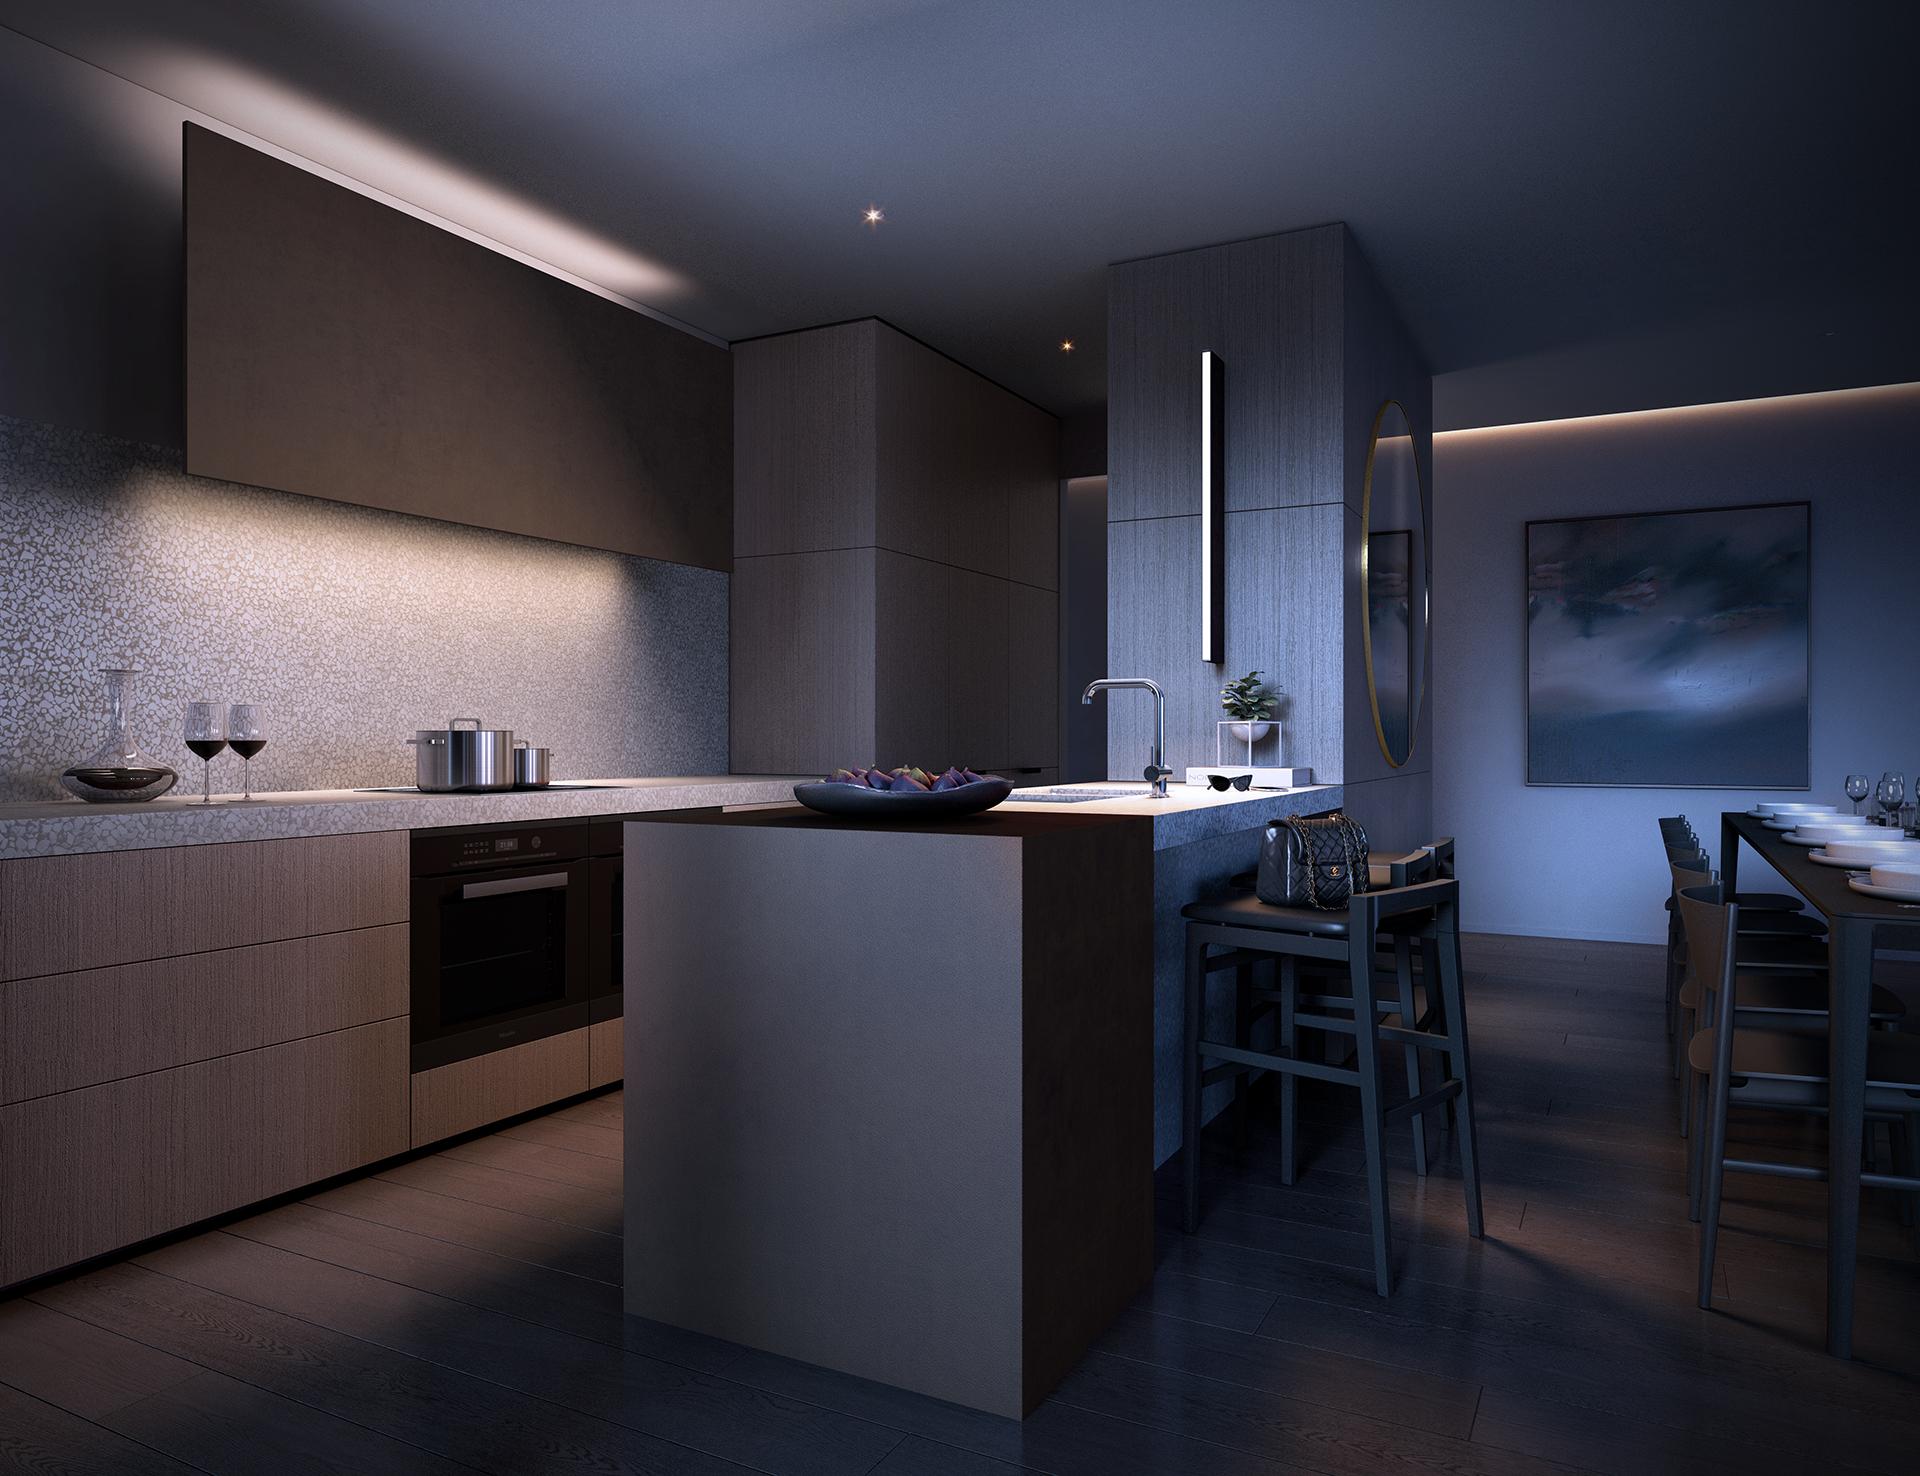 Adderley Kitchen